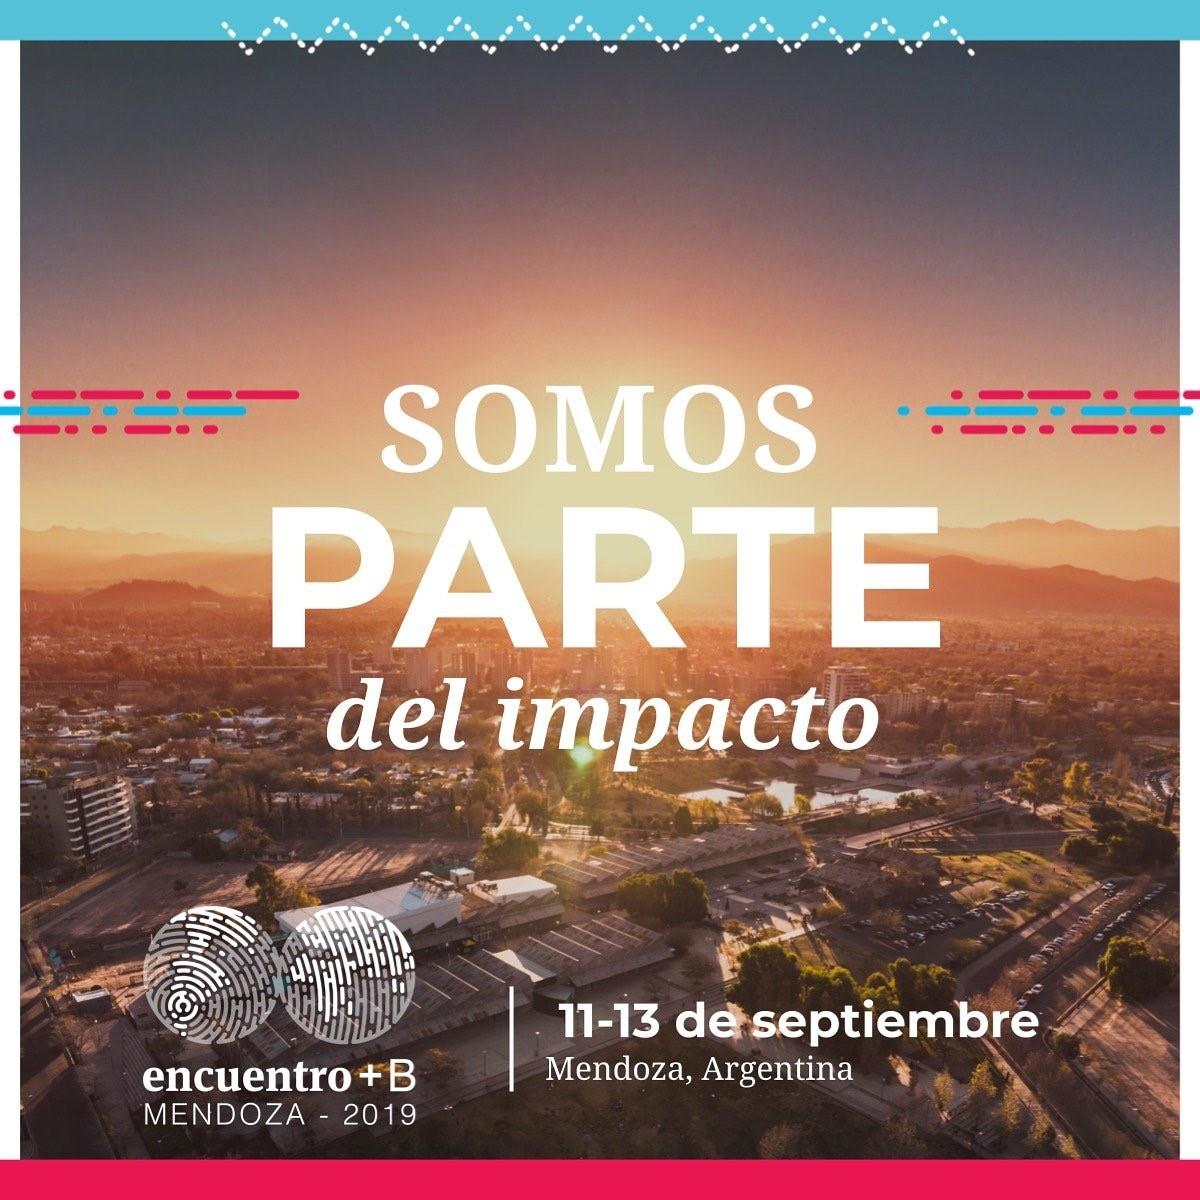 Encuentro Mendoza+B: Pasión & Innovación de Triple Impacto